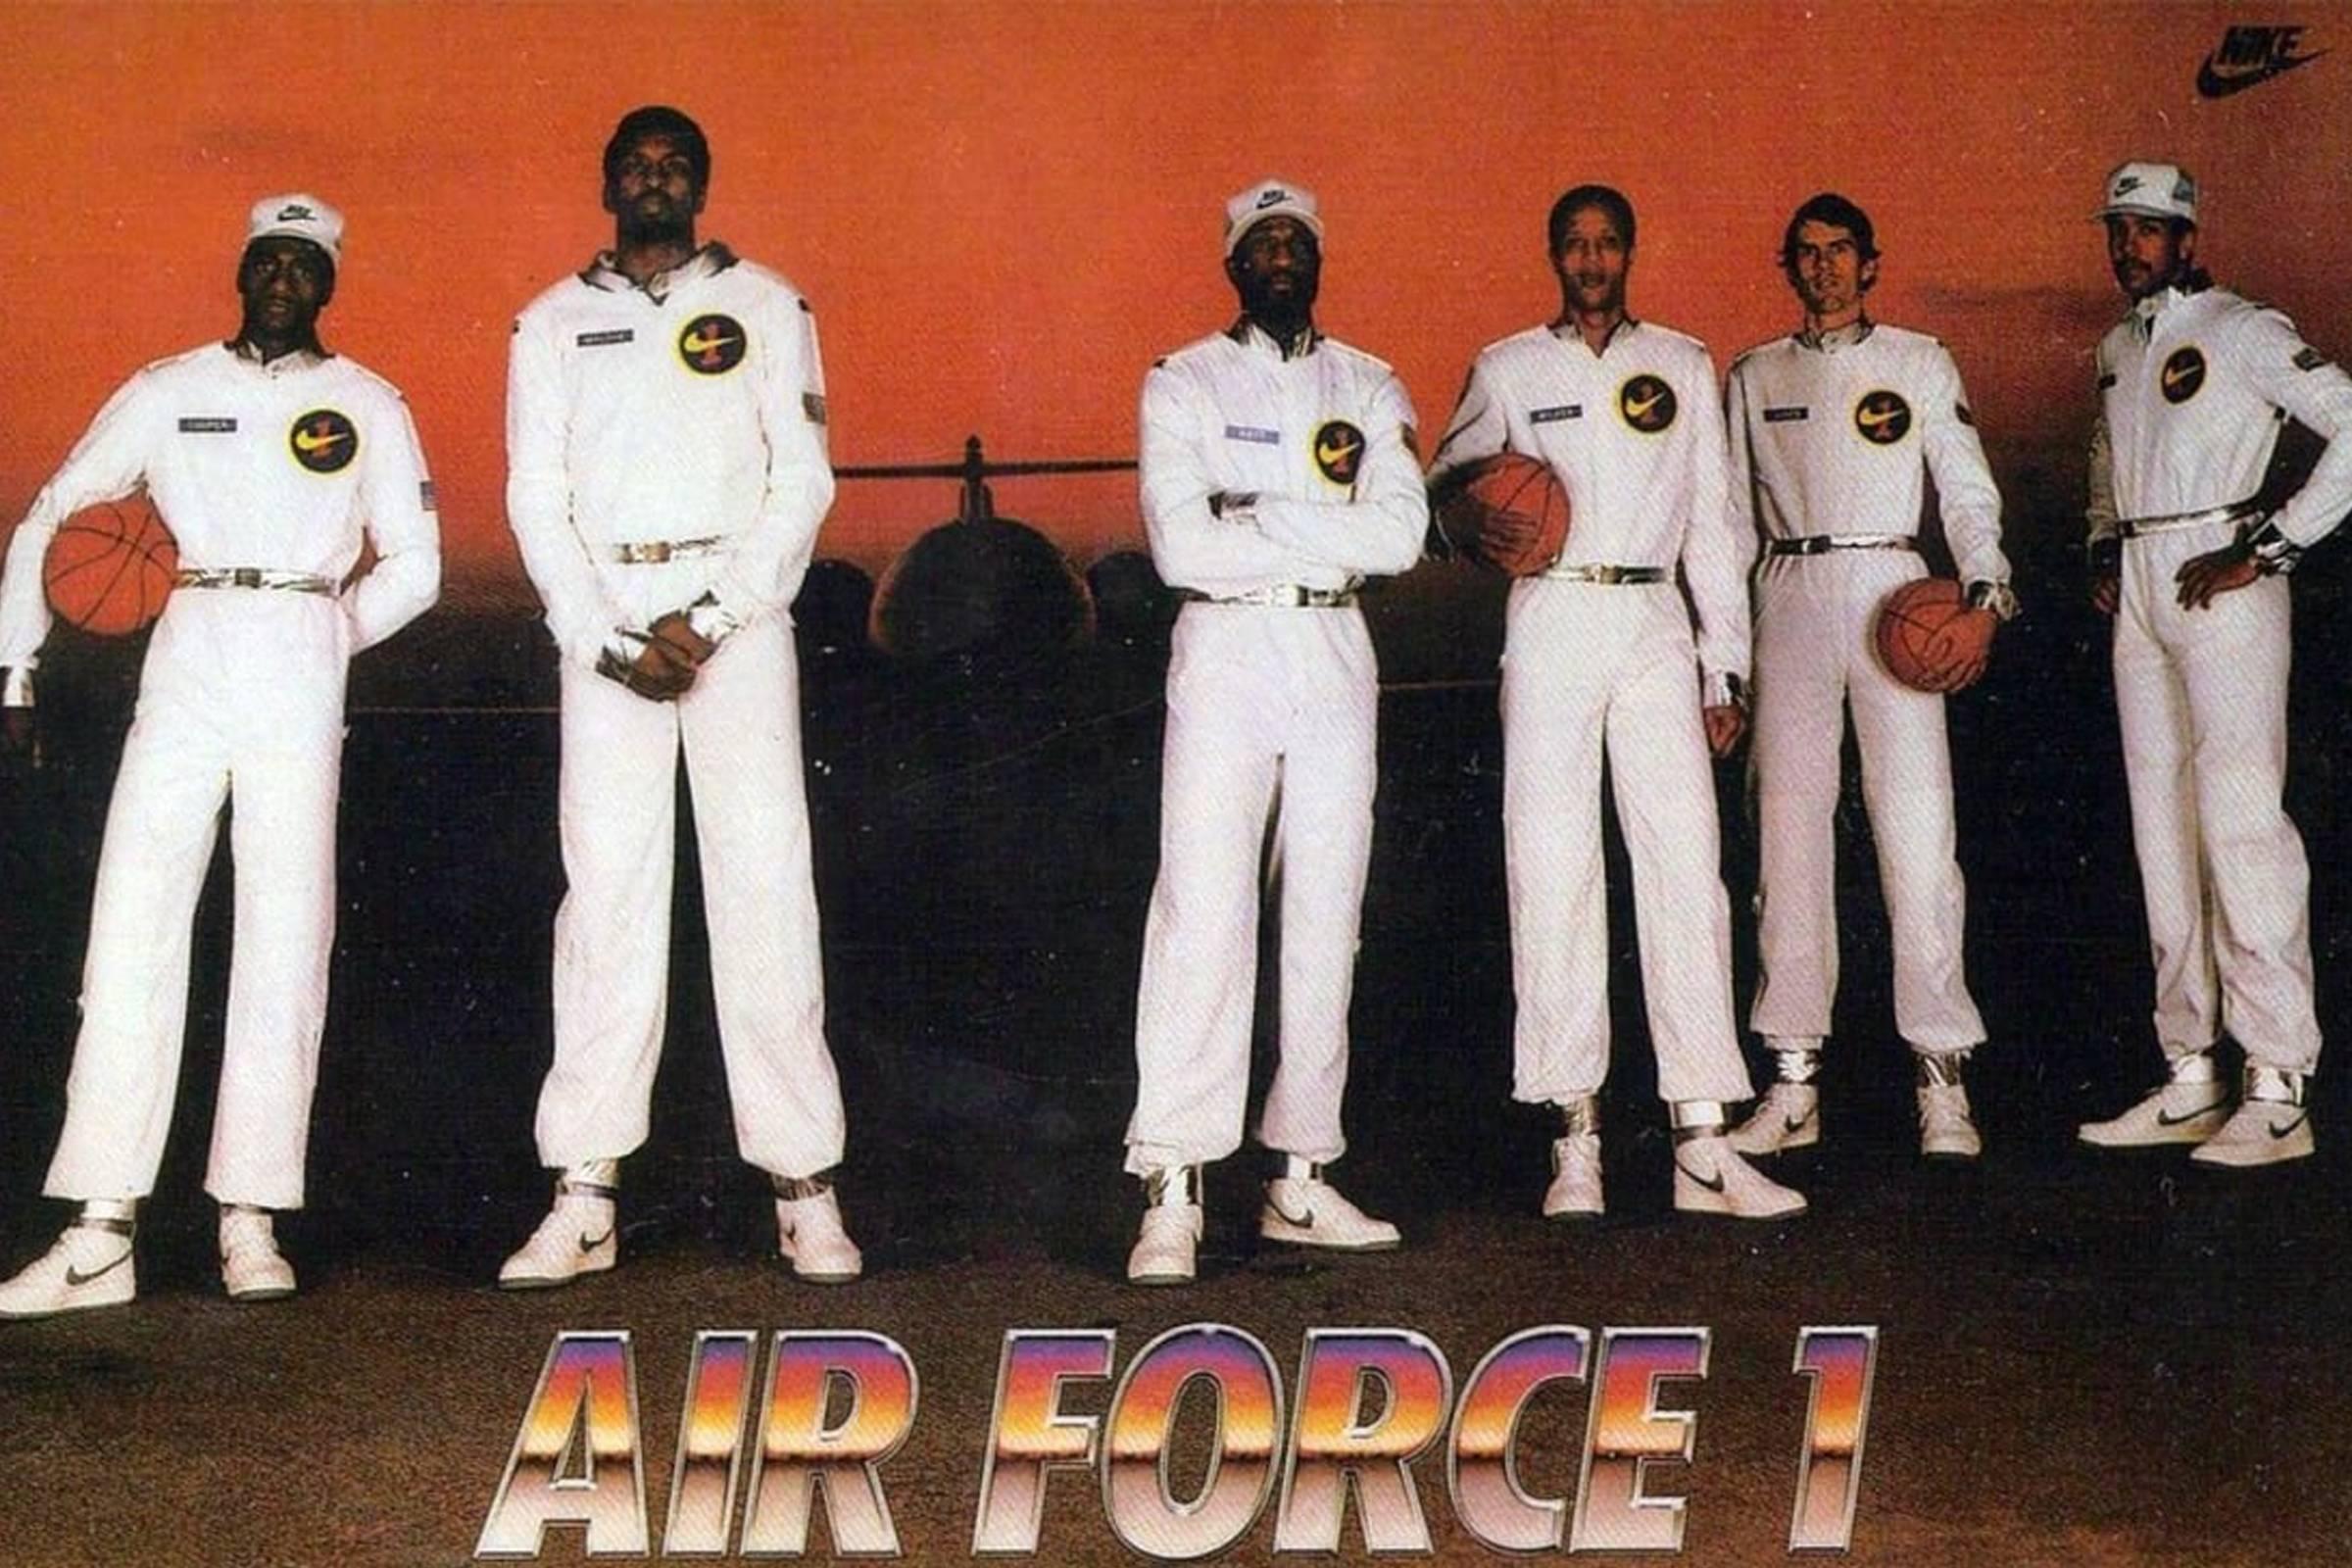 Рекламный буклет «Оригинальная шестёрка» с участием Майкла Купера, Бобби Джонса, Мозеса Мэлоуна, Келвина Натта, Майкла Томпсона и Джамала Уилкса.